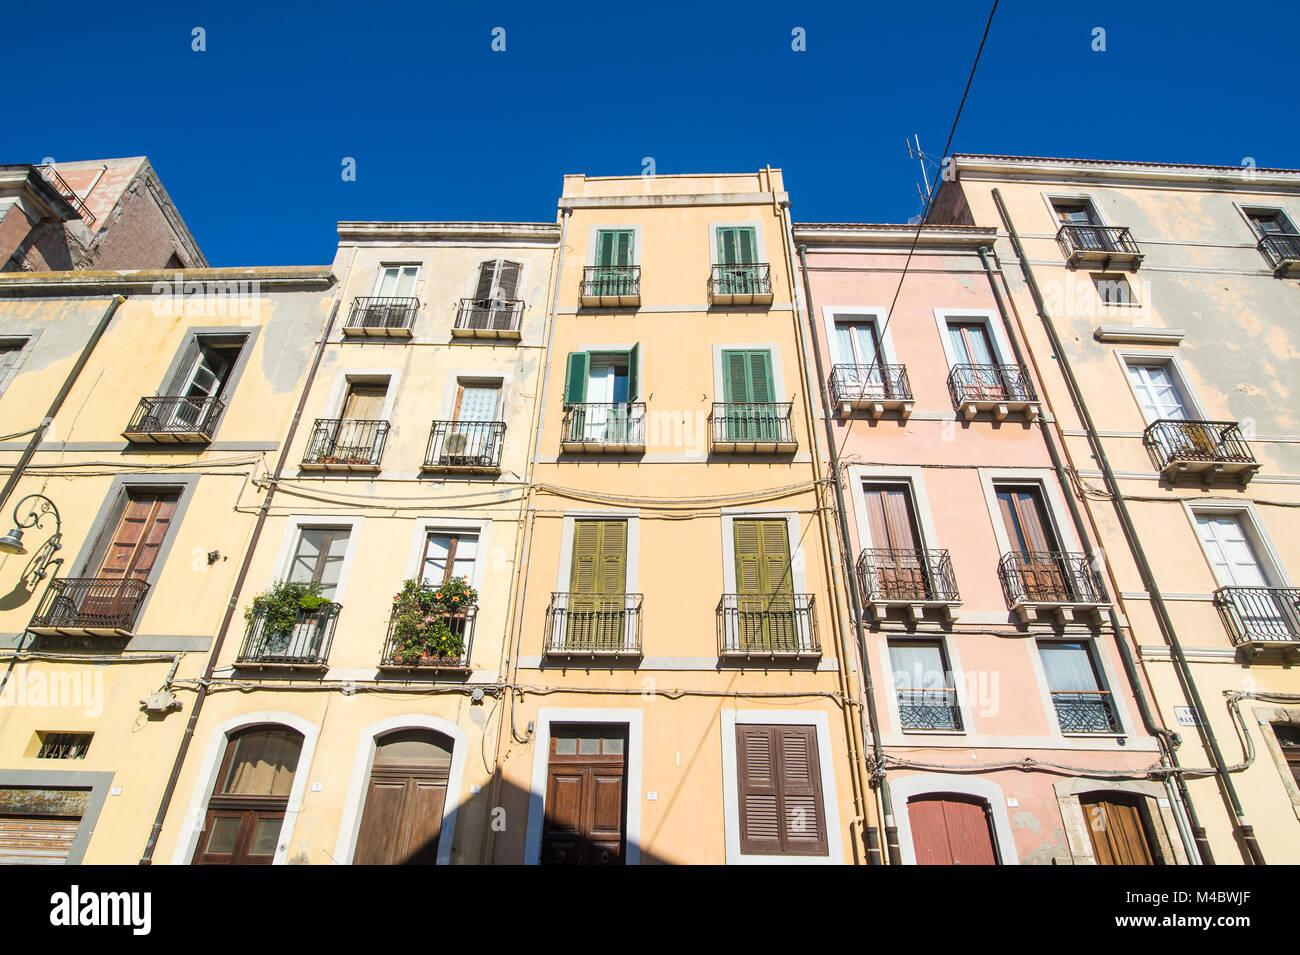 Vecchie case nel centro storico di Cagliari, Sardegna, Italia Immagini Stock